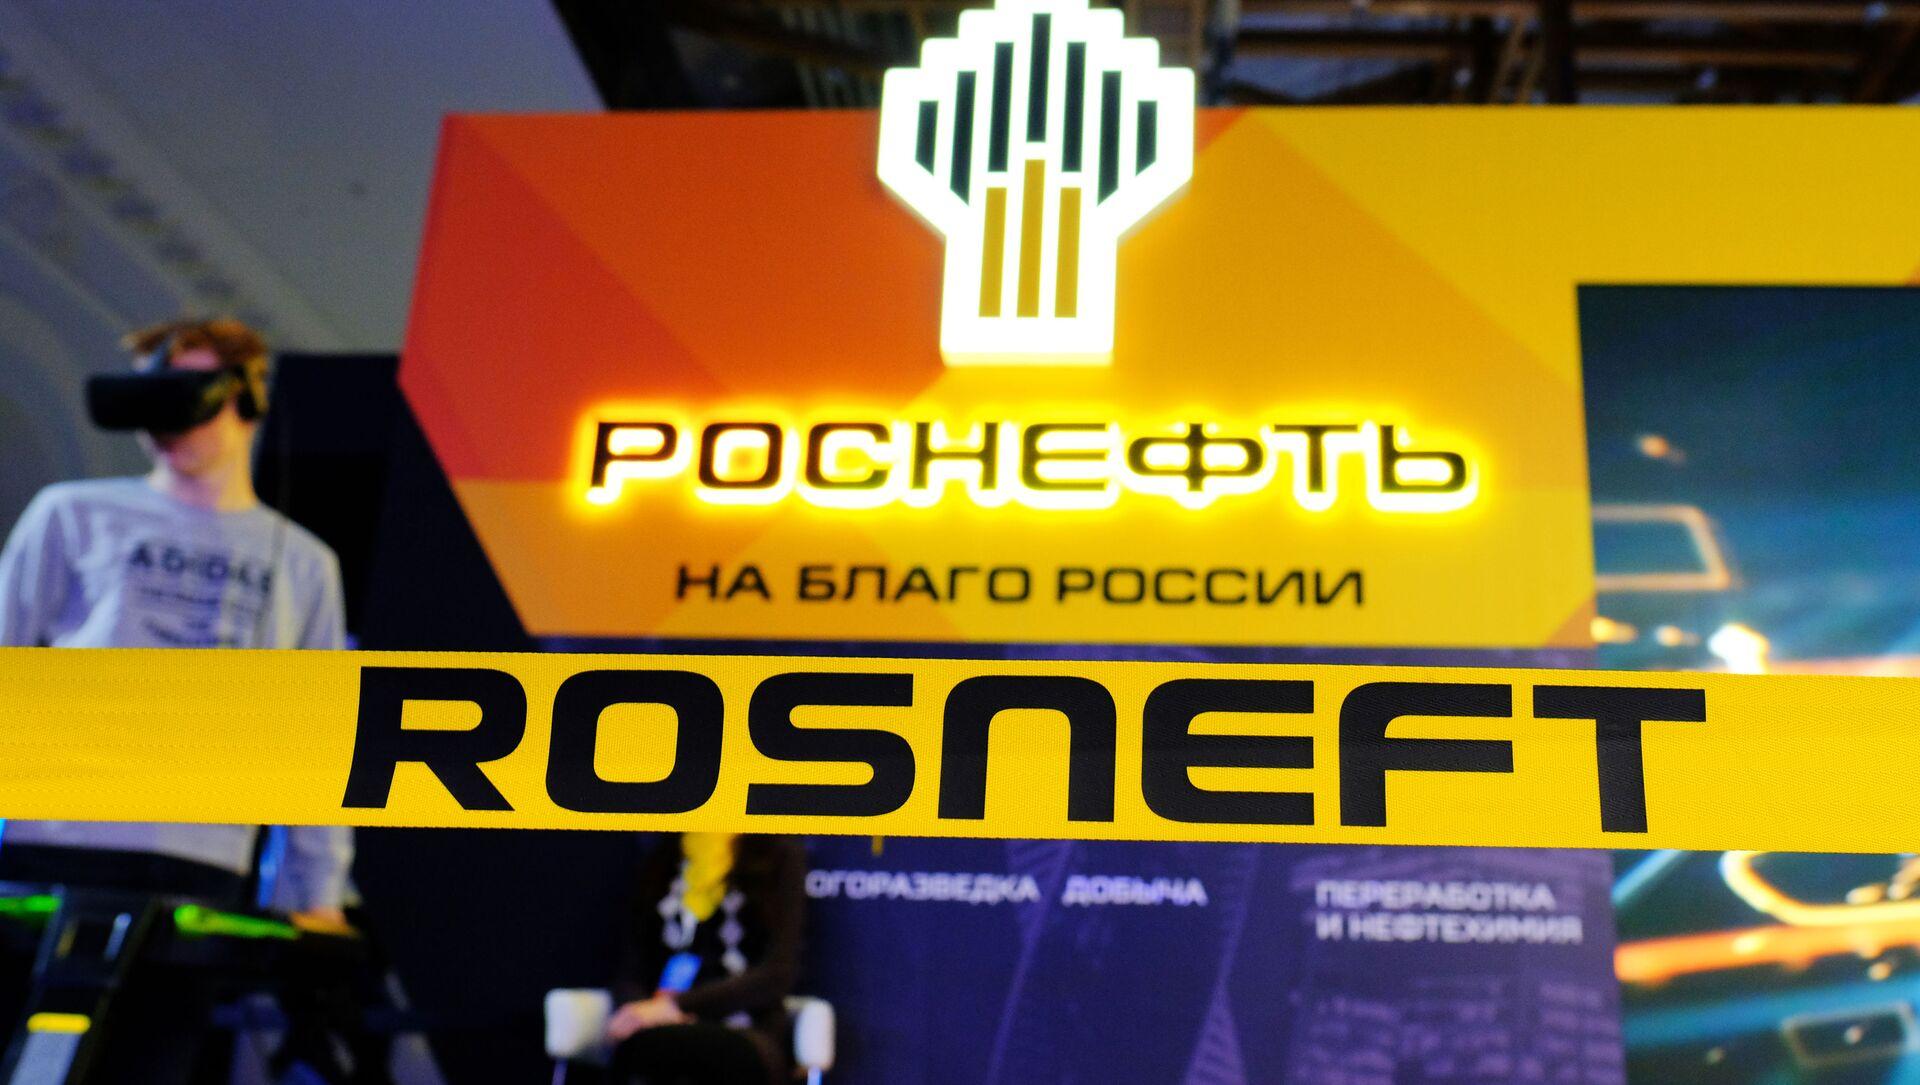 Logo de Rosneft - Sputnik Mundo, 1920, 09.12.2020